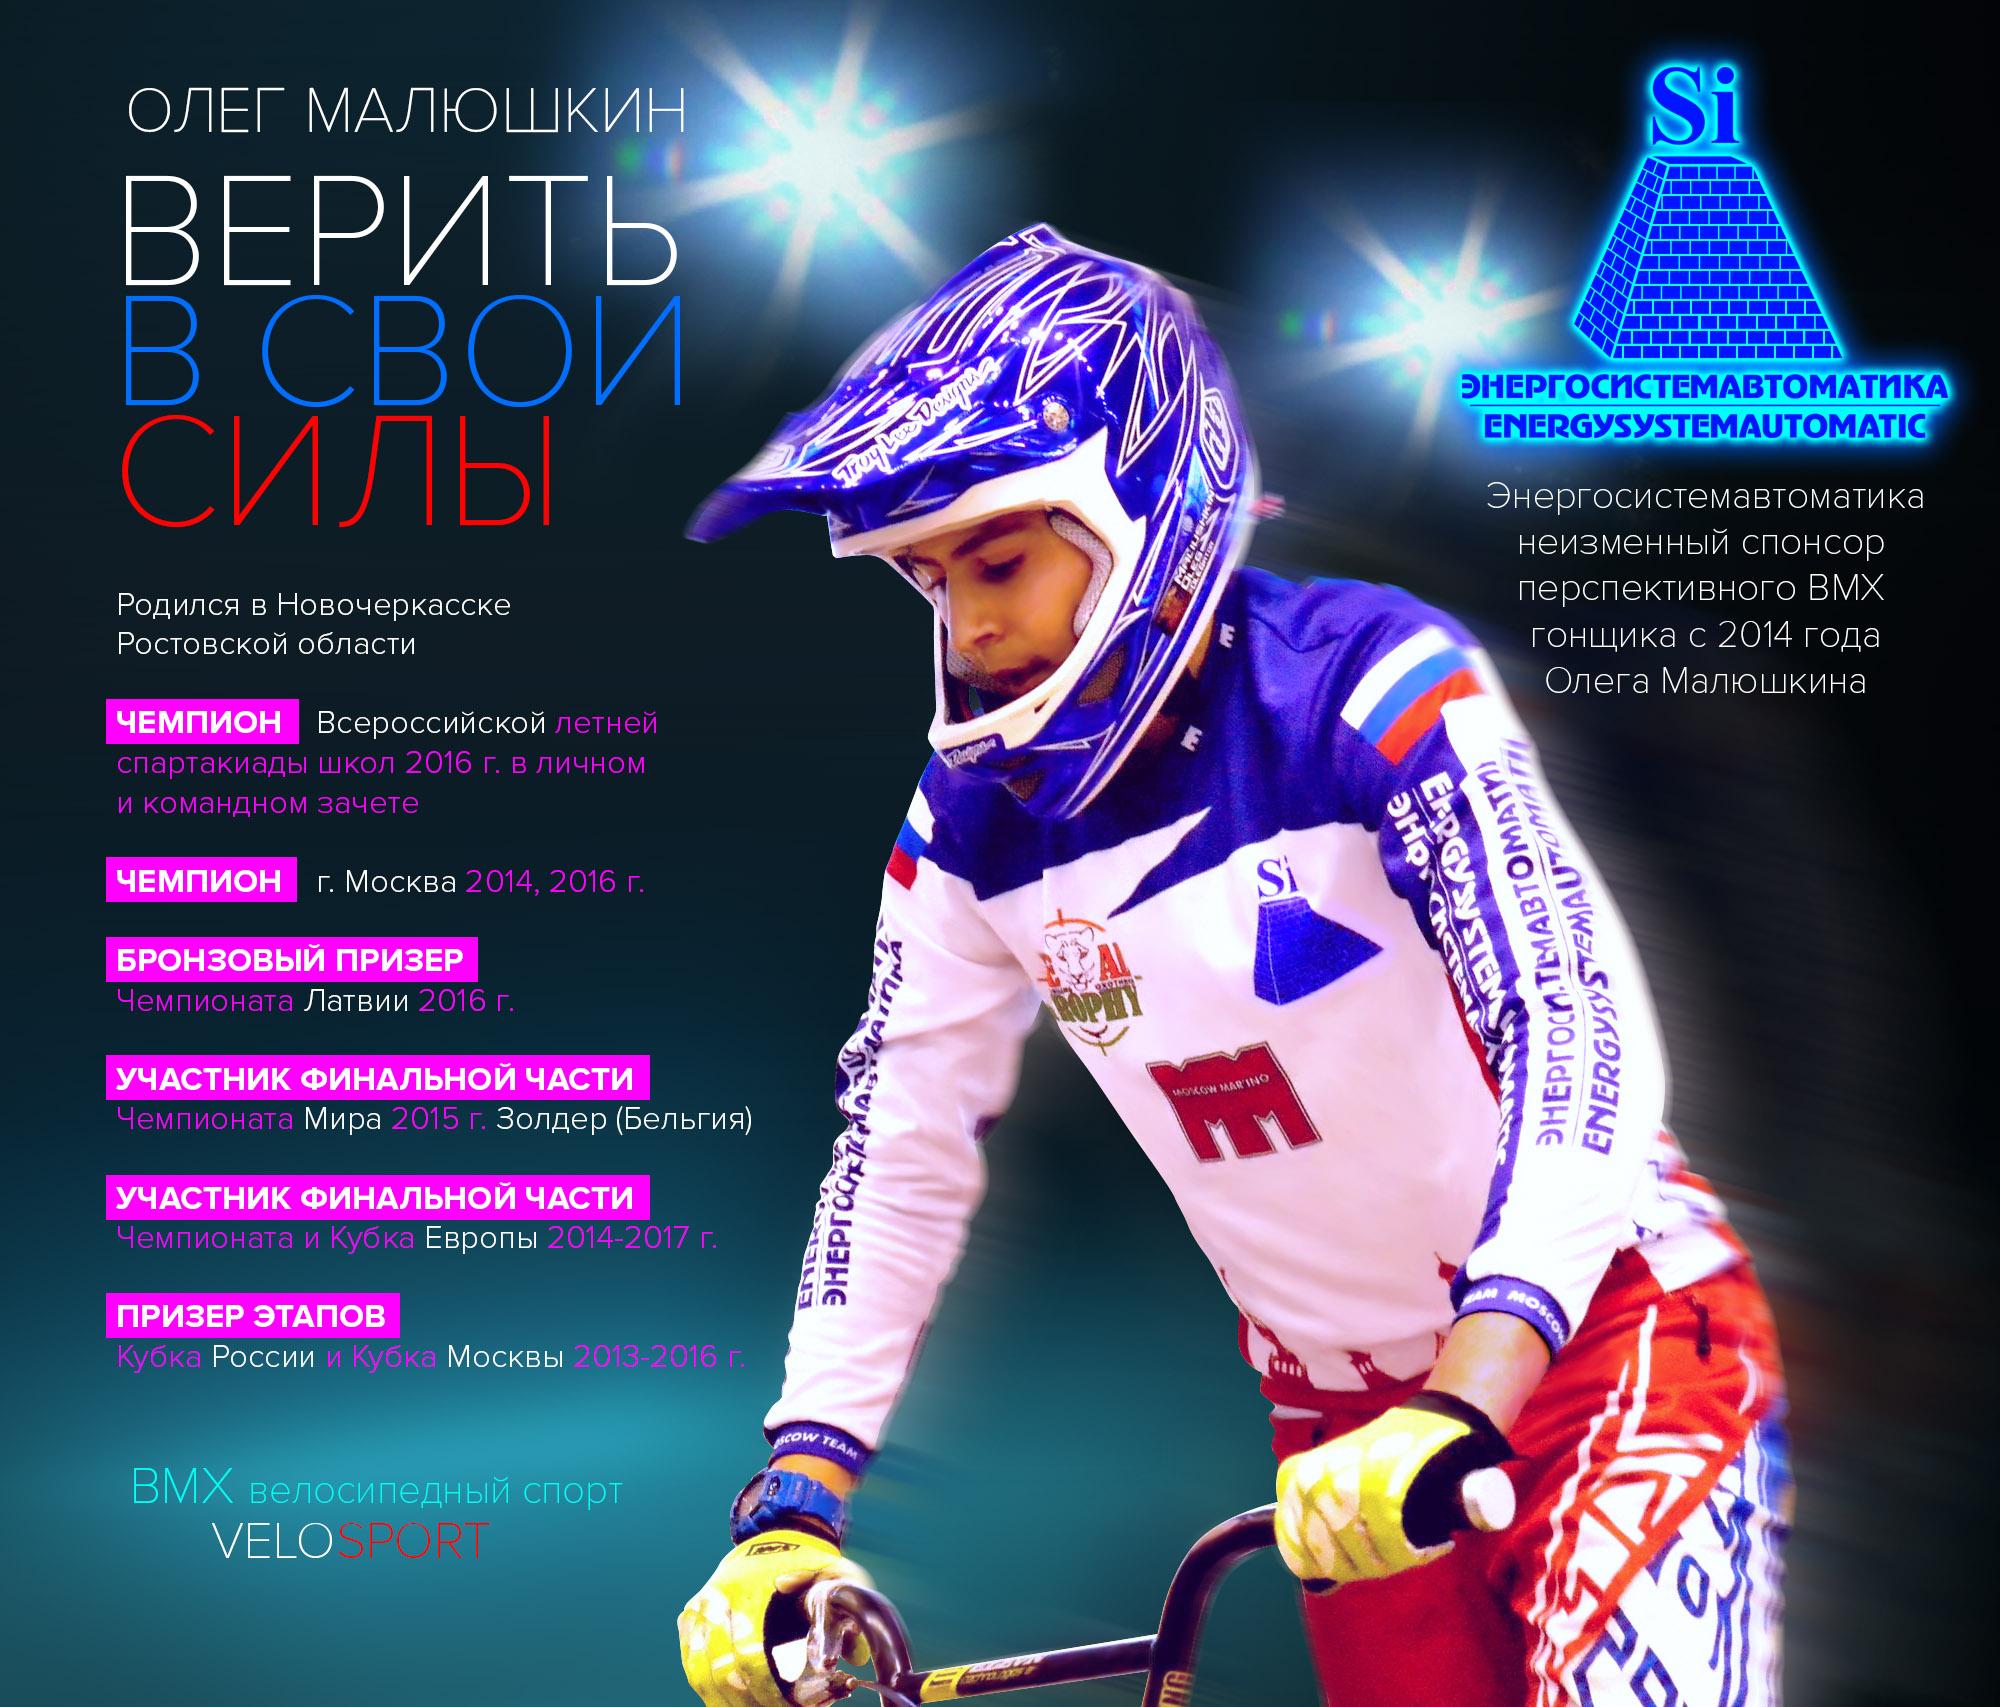 Олег Малюшкин